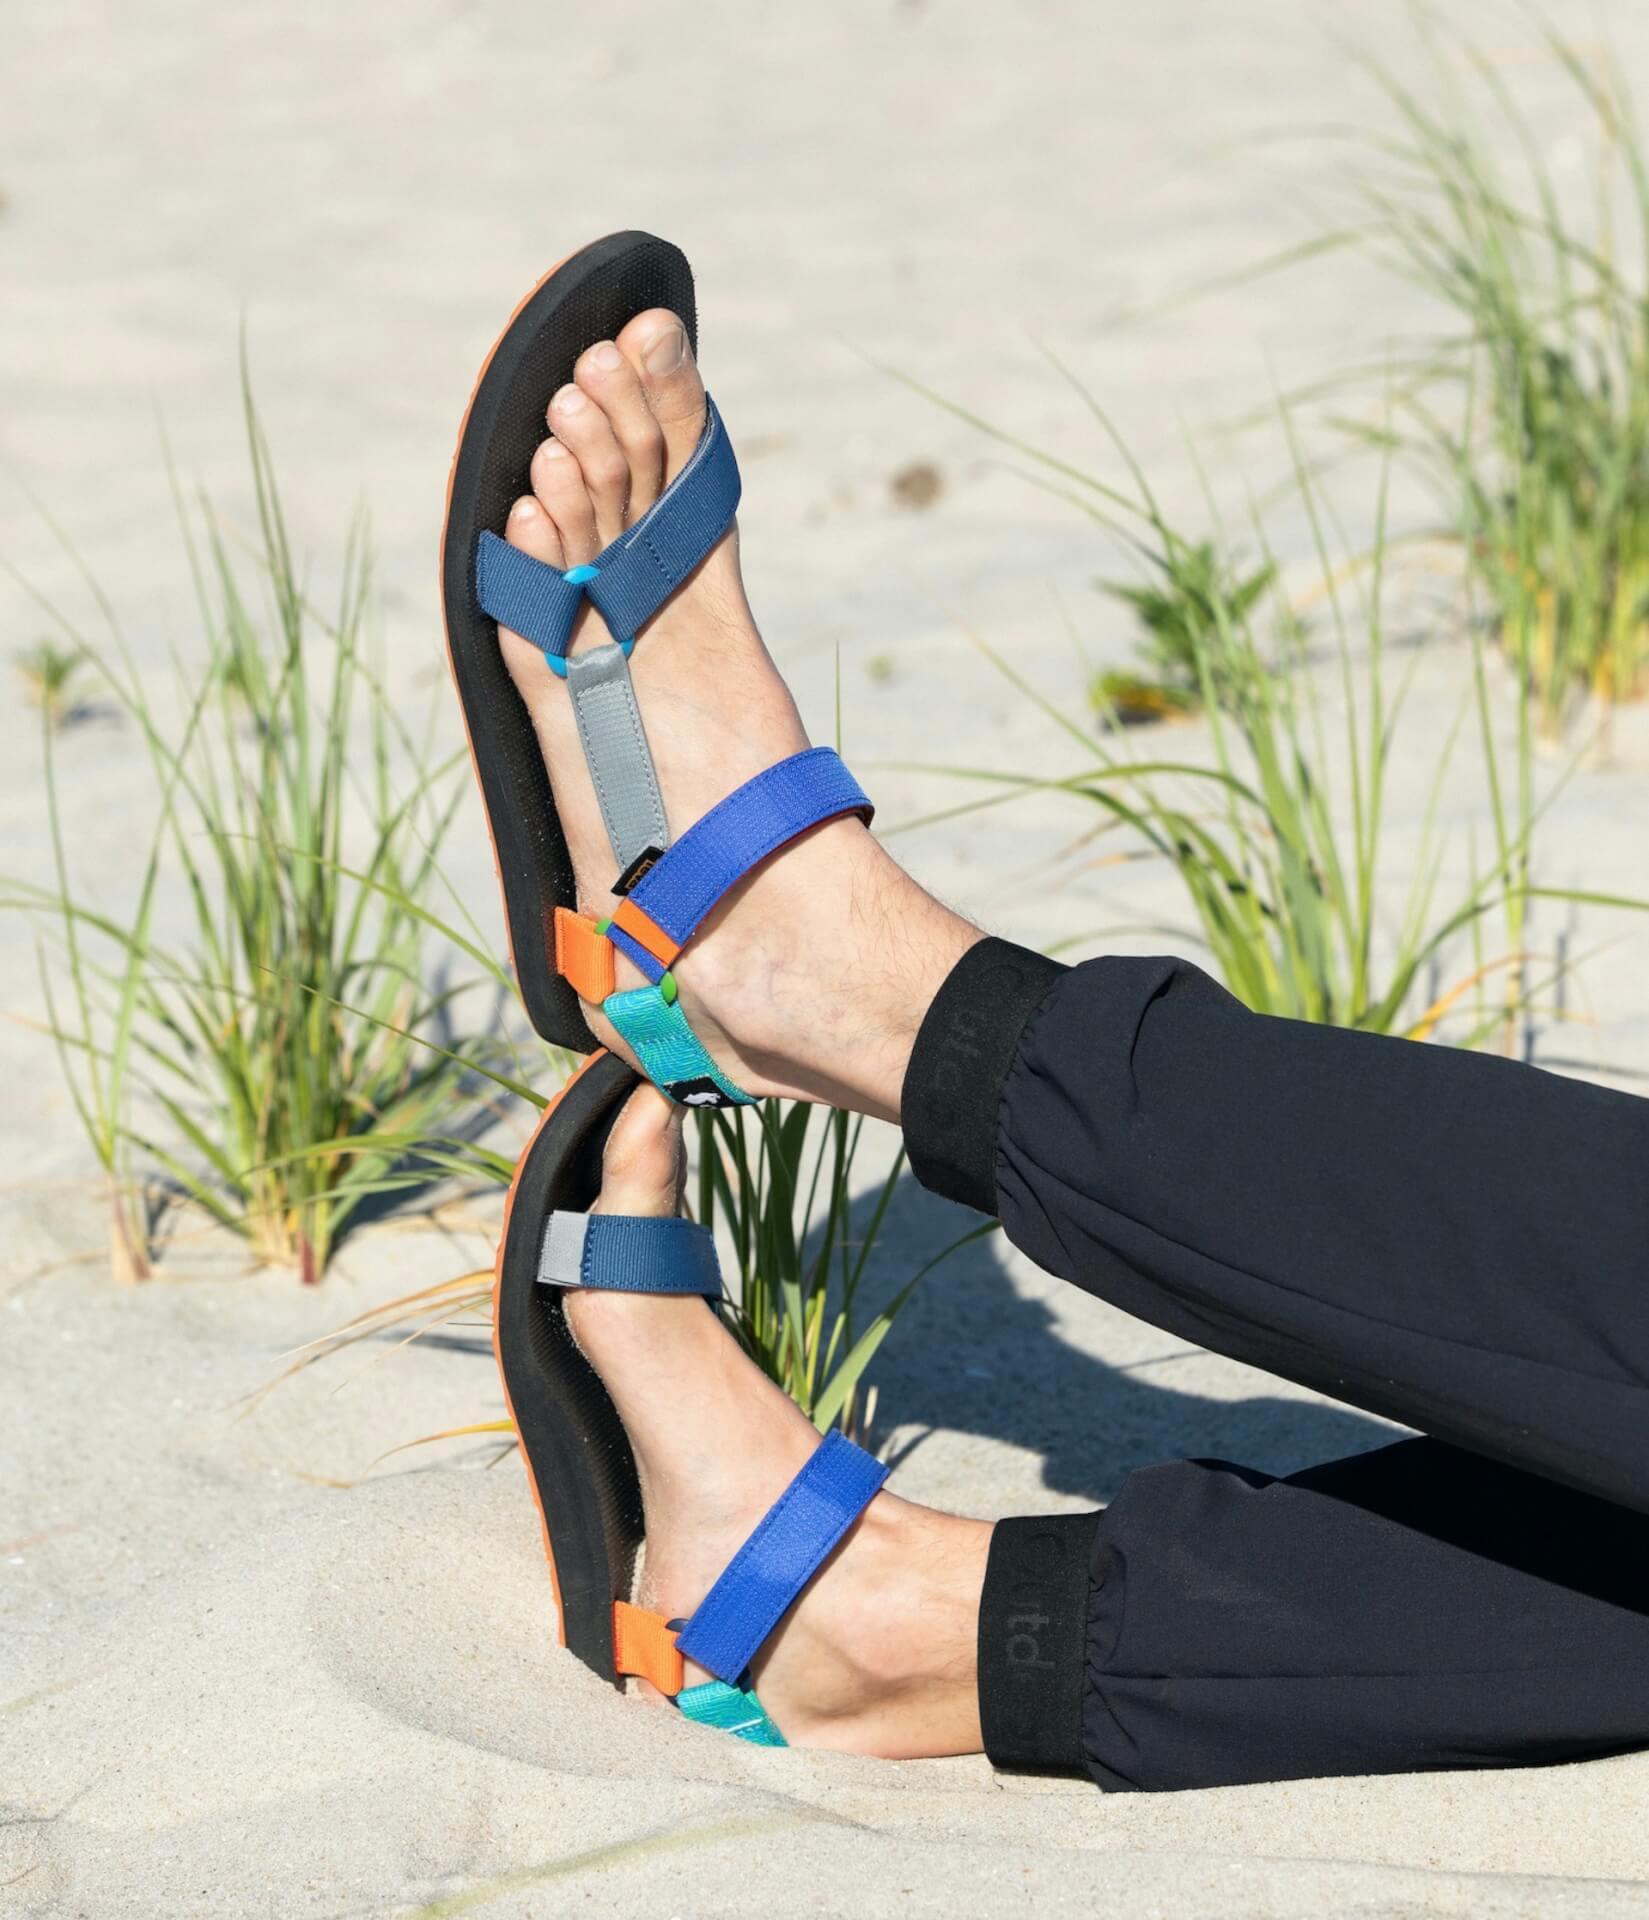 Tevaと米国の次世代アウトドアブランドCotopaxiがコラボ!サステナブルな素材にこだわったサンダルが本日発売 fashion2020729_teva5